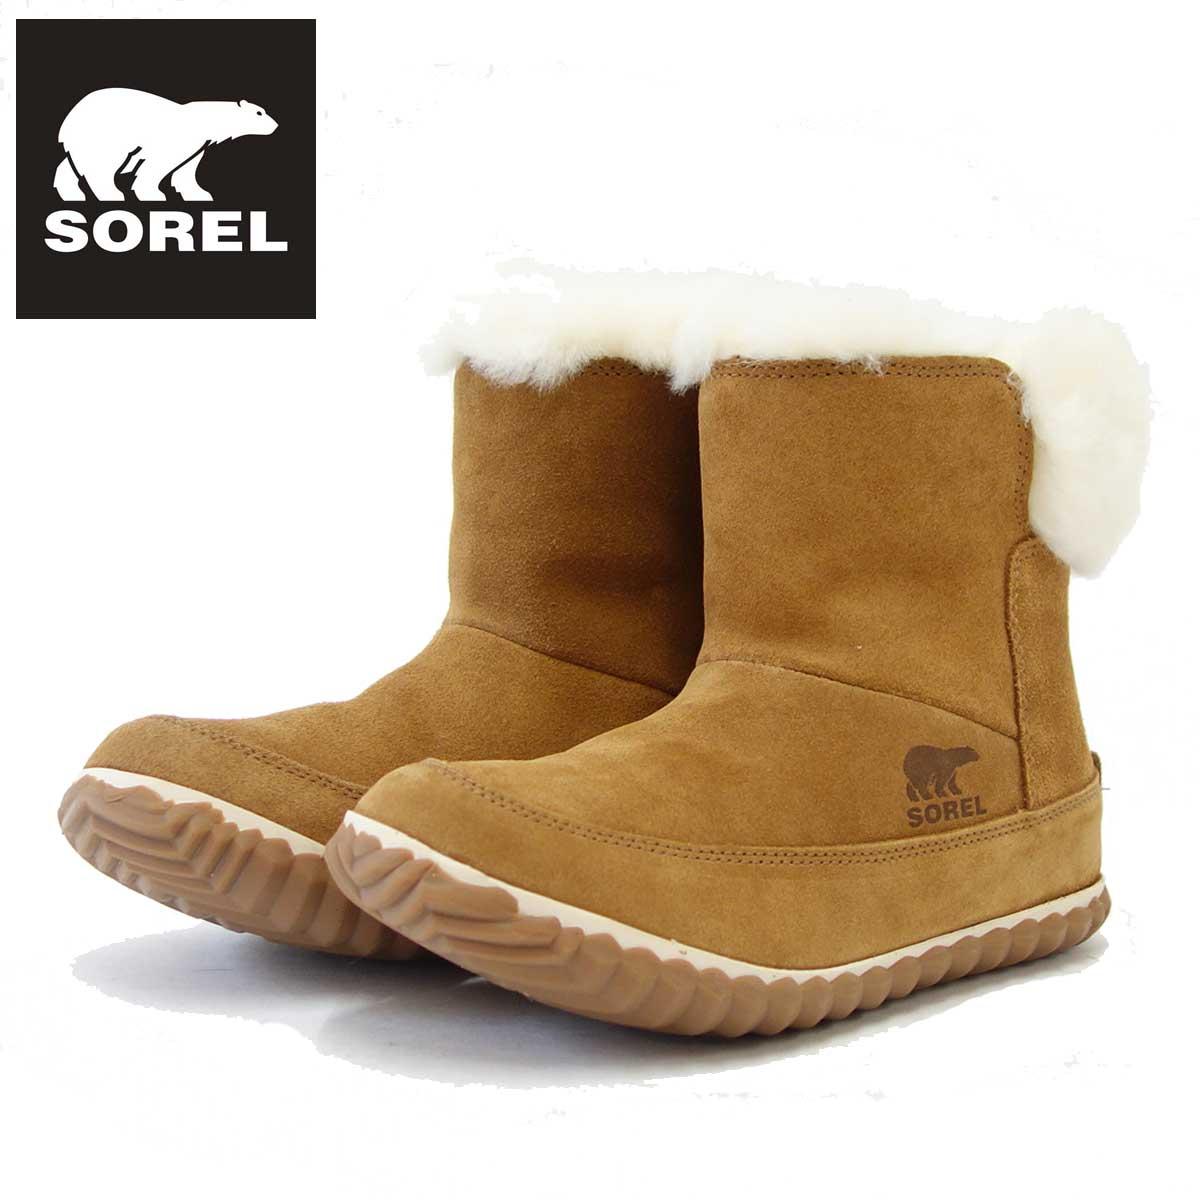 ソレル SOREL NL 3073(レディース) アウトアンドアバウトブーティー:ELK (286) 保温性・撥水性抜群の快適ウィンターブーツ 「靴」